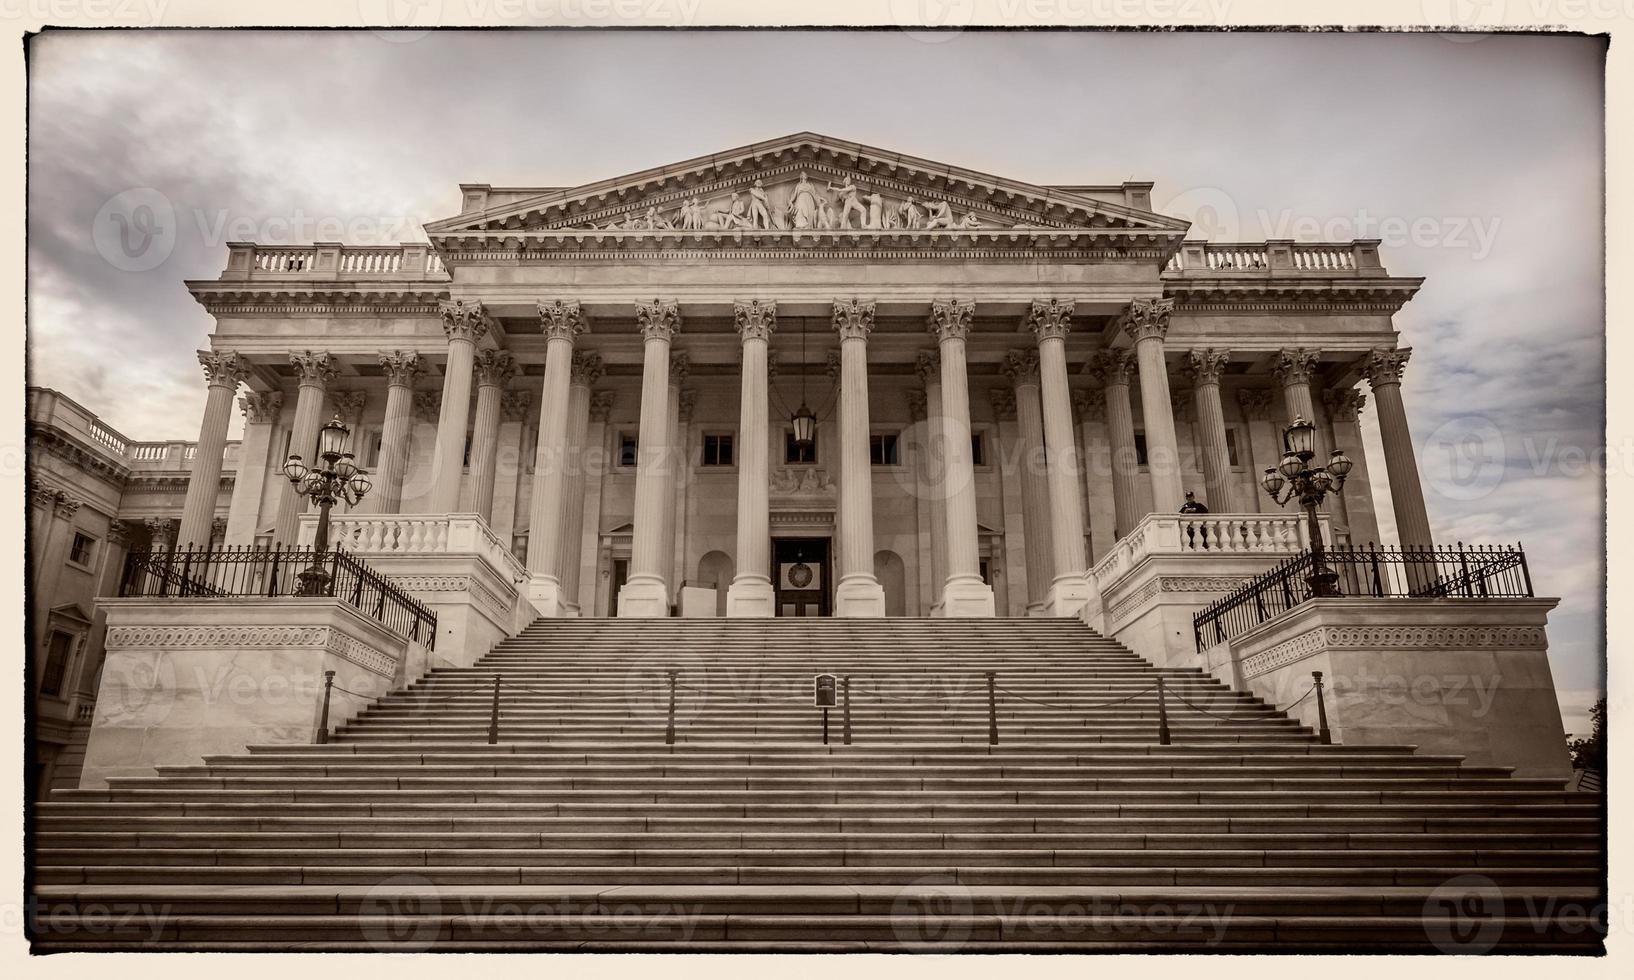 Senatsflügel der Osthauptfassade der Vereinigten Staaten foto